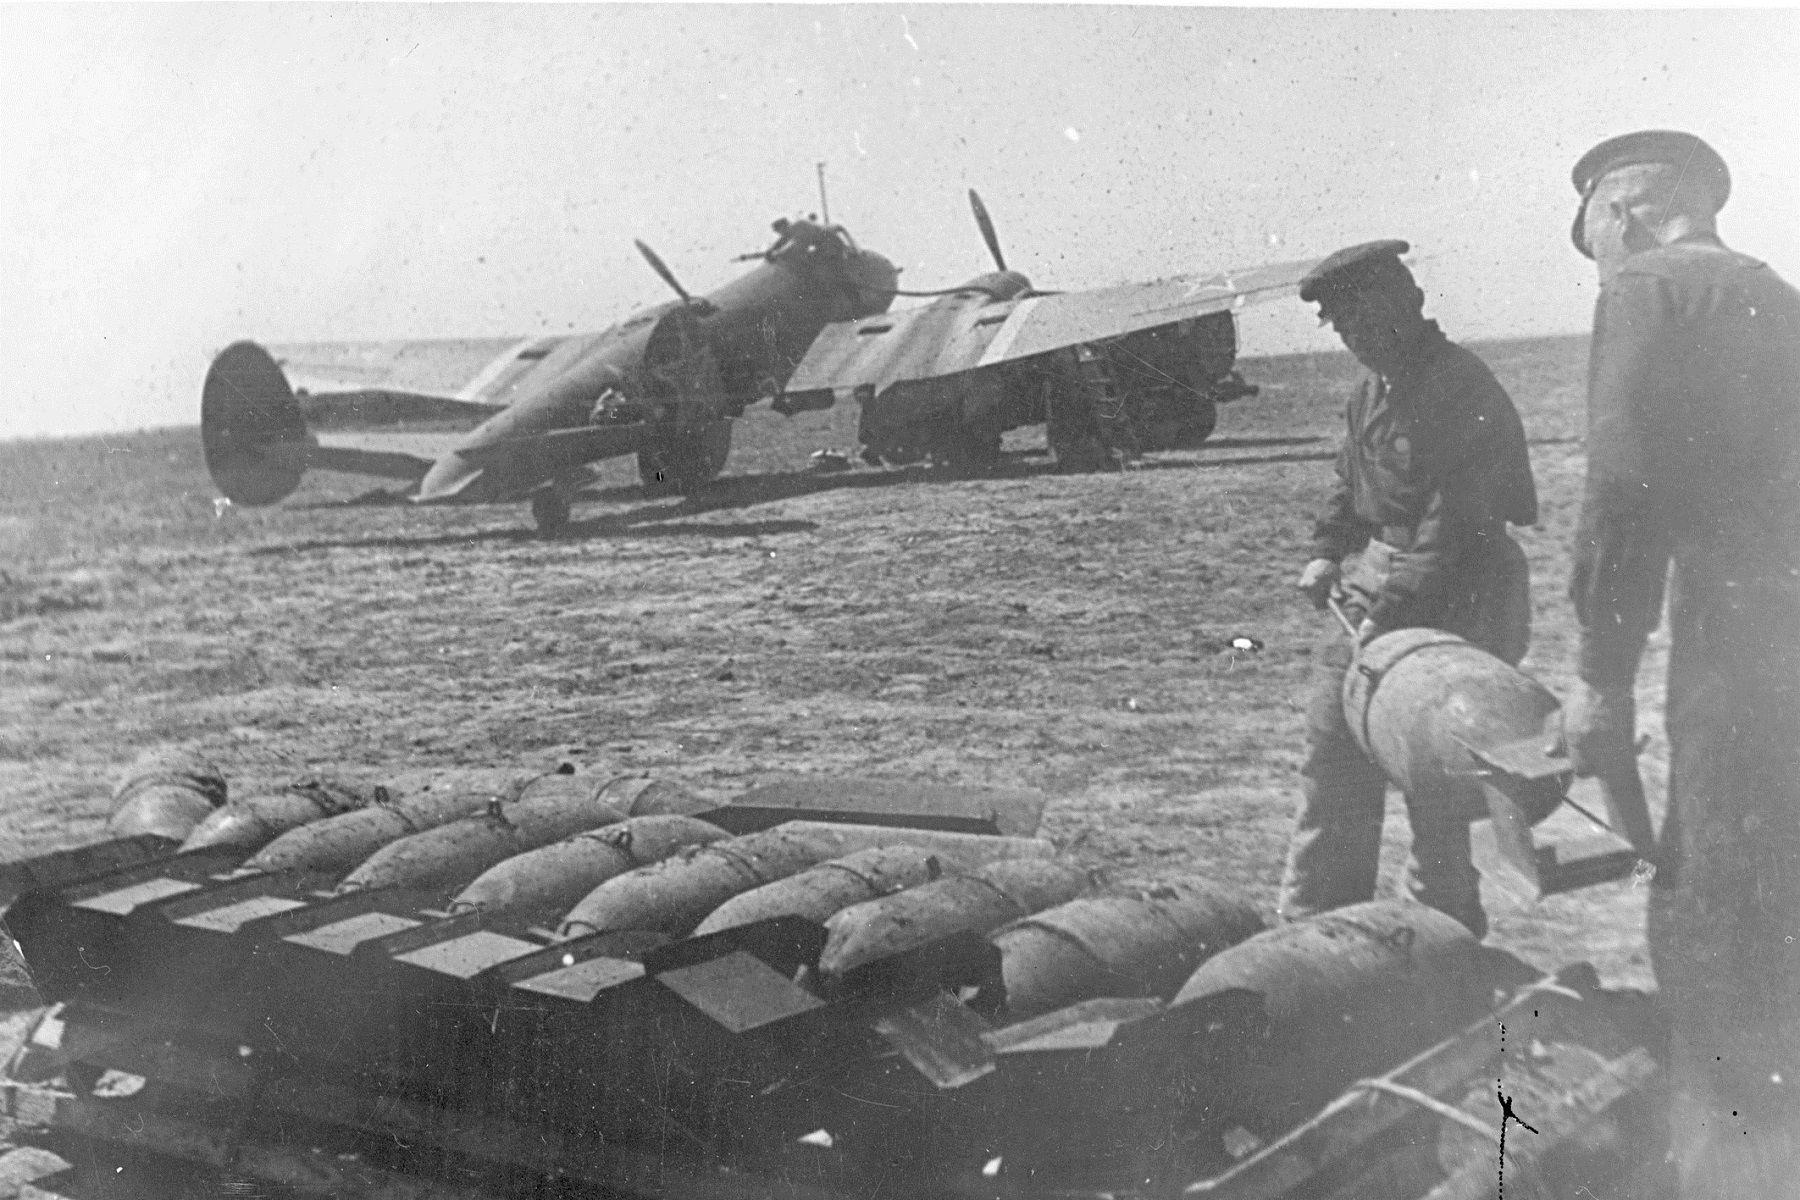 Подготовка бомбардировщика Пе-2 в вылету на аэродроме Черноморского флота, 1943 год ©Фото с сайта http://waralbum.ru